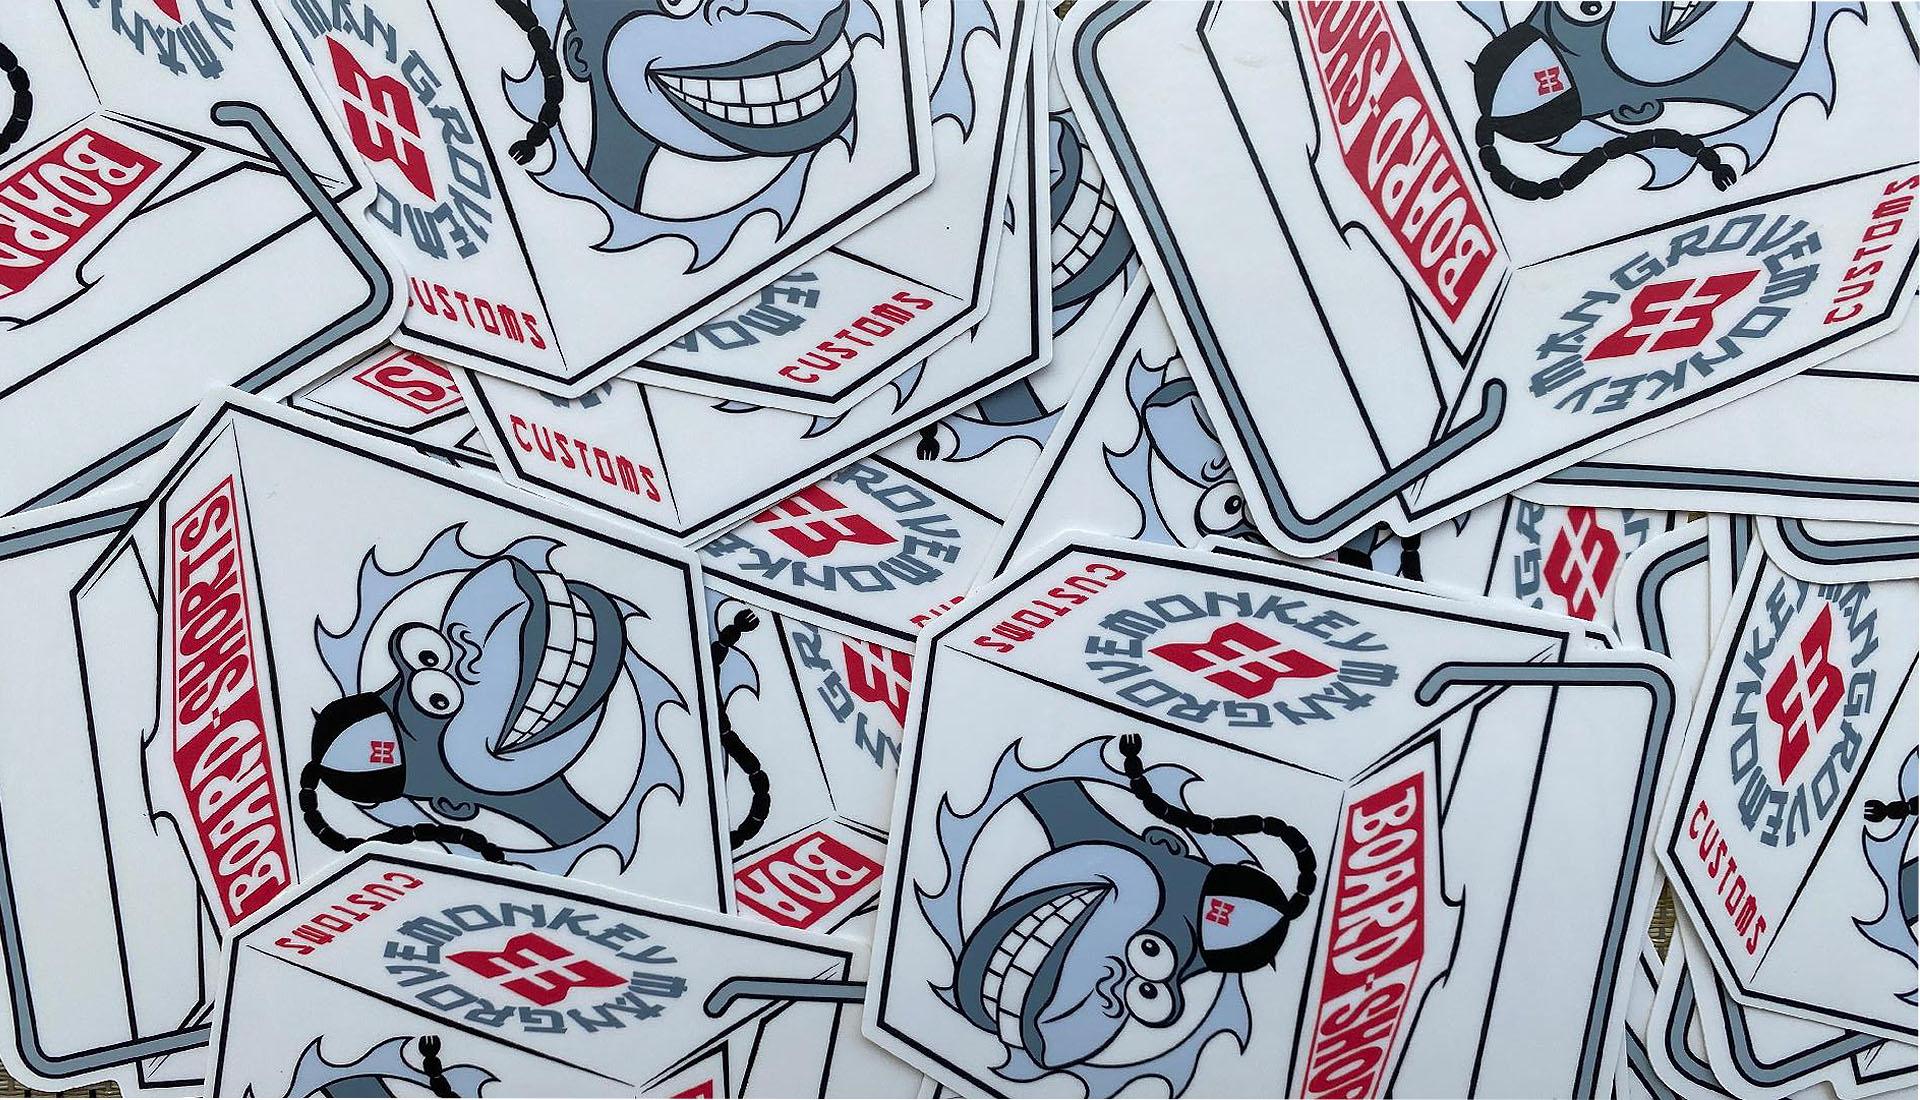 Take Out Box Sticker